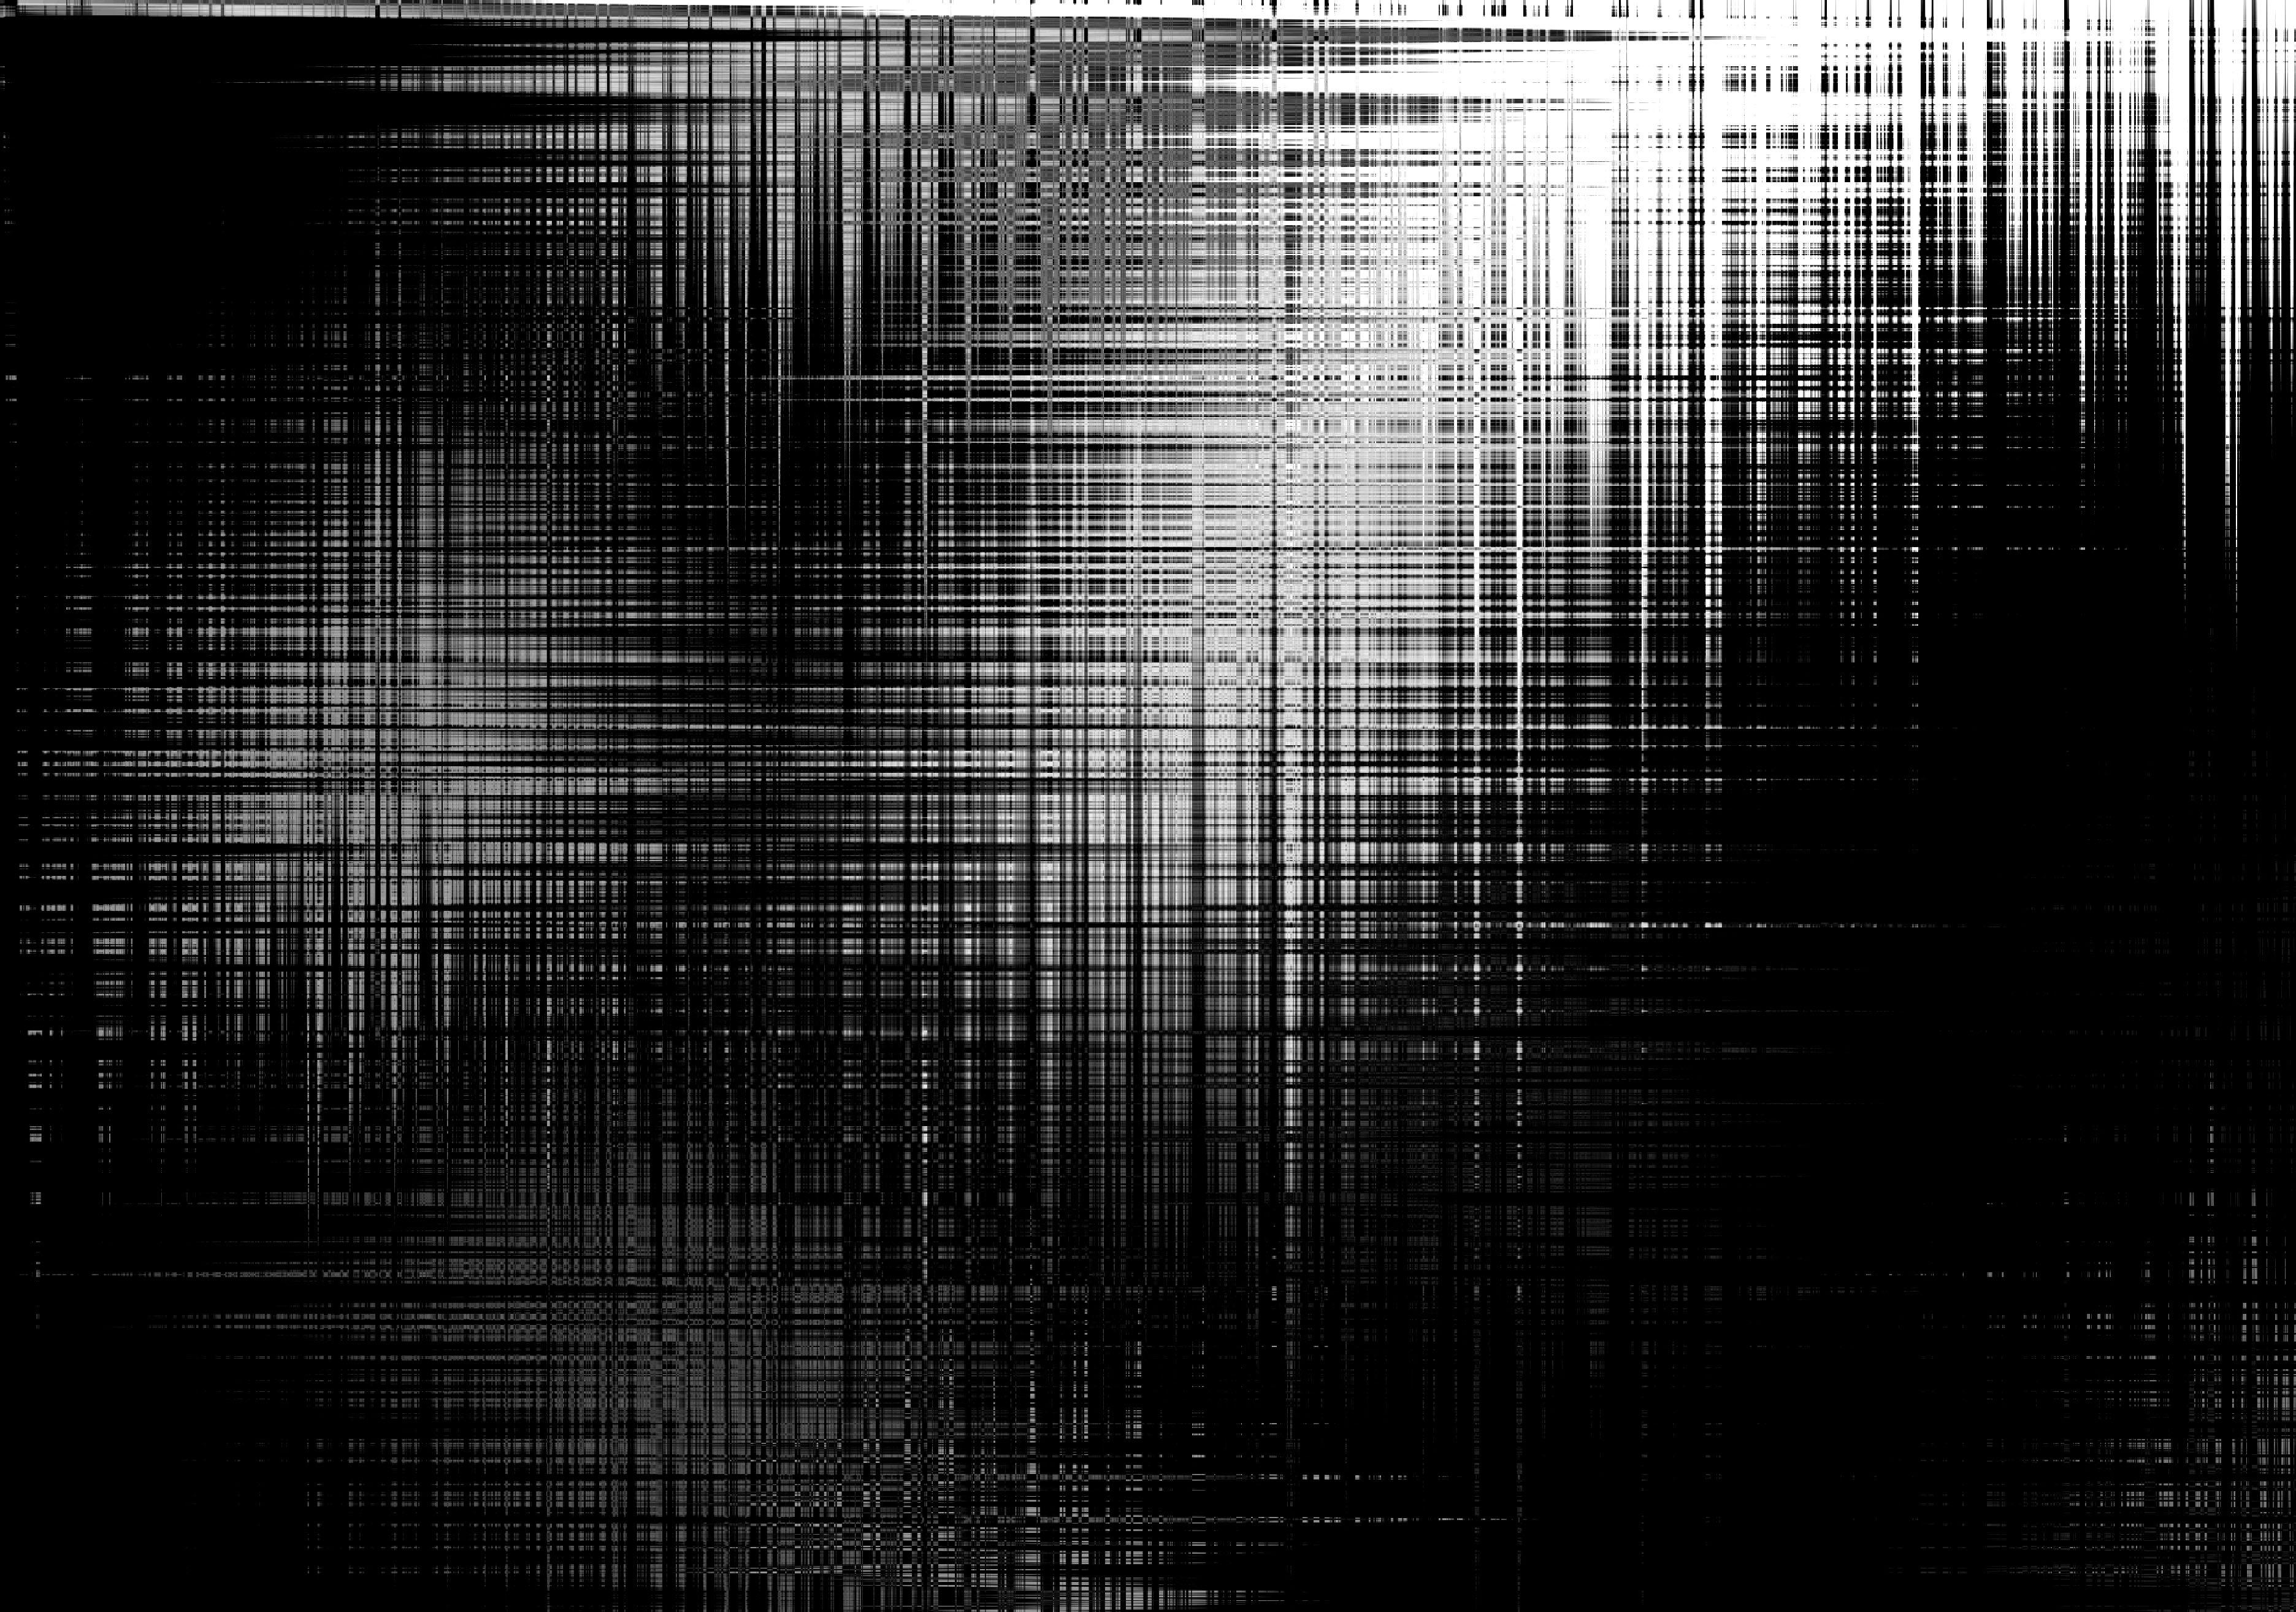 146098 Hintergrundbild herunterladen Abstrakt, Dunkel, Unschärfe, Glatt, Bw, Chb, Streifen, Panne, Glitch - Bildschirmschoner und Bilder kostenlos